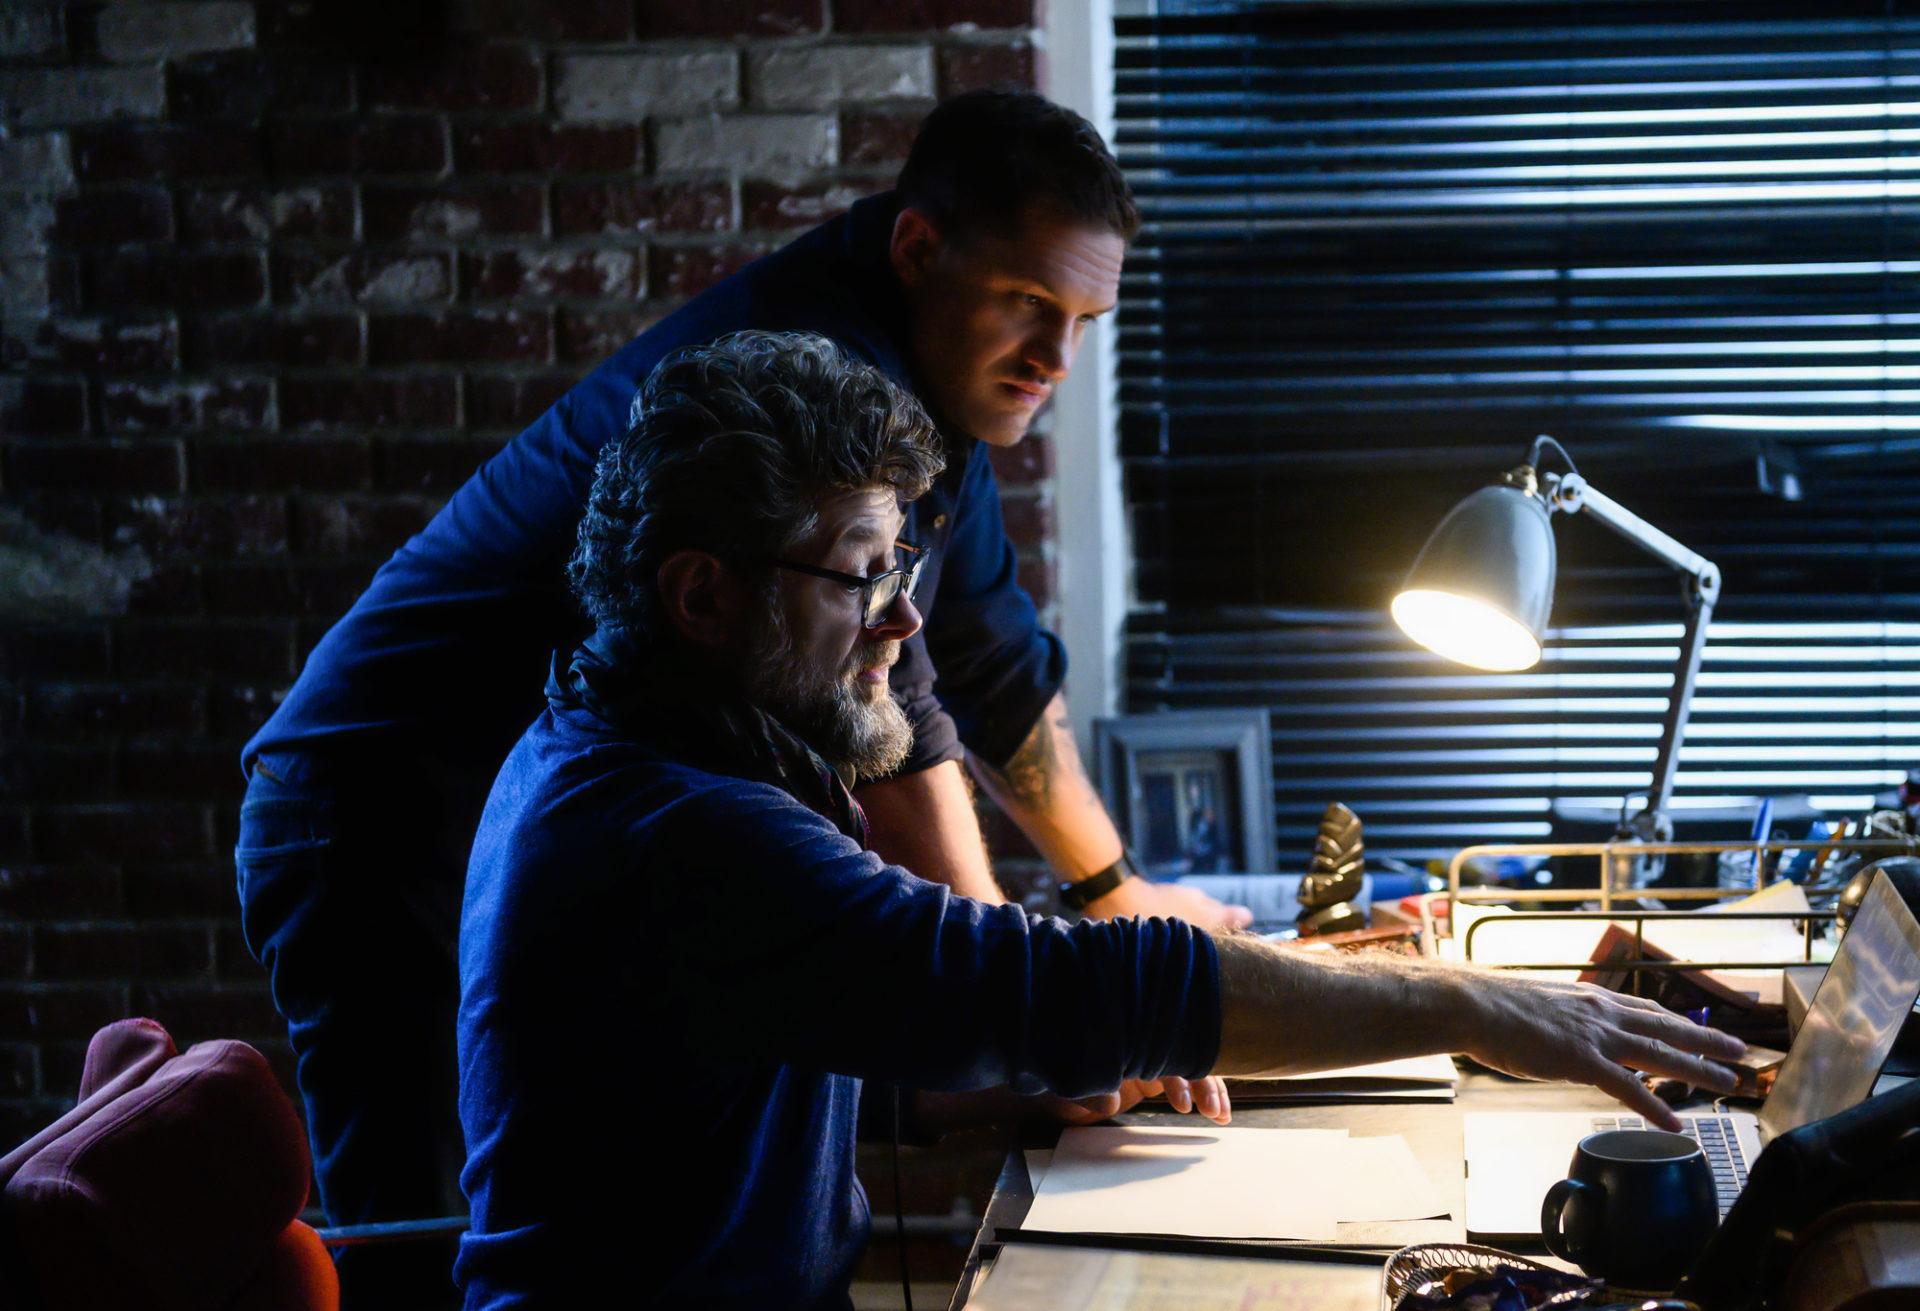 湯姆哈迪強勢回歸《猛毒2:血蜘蛛》 反派「血蜘蛛」全球首次亮相